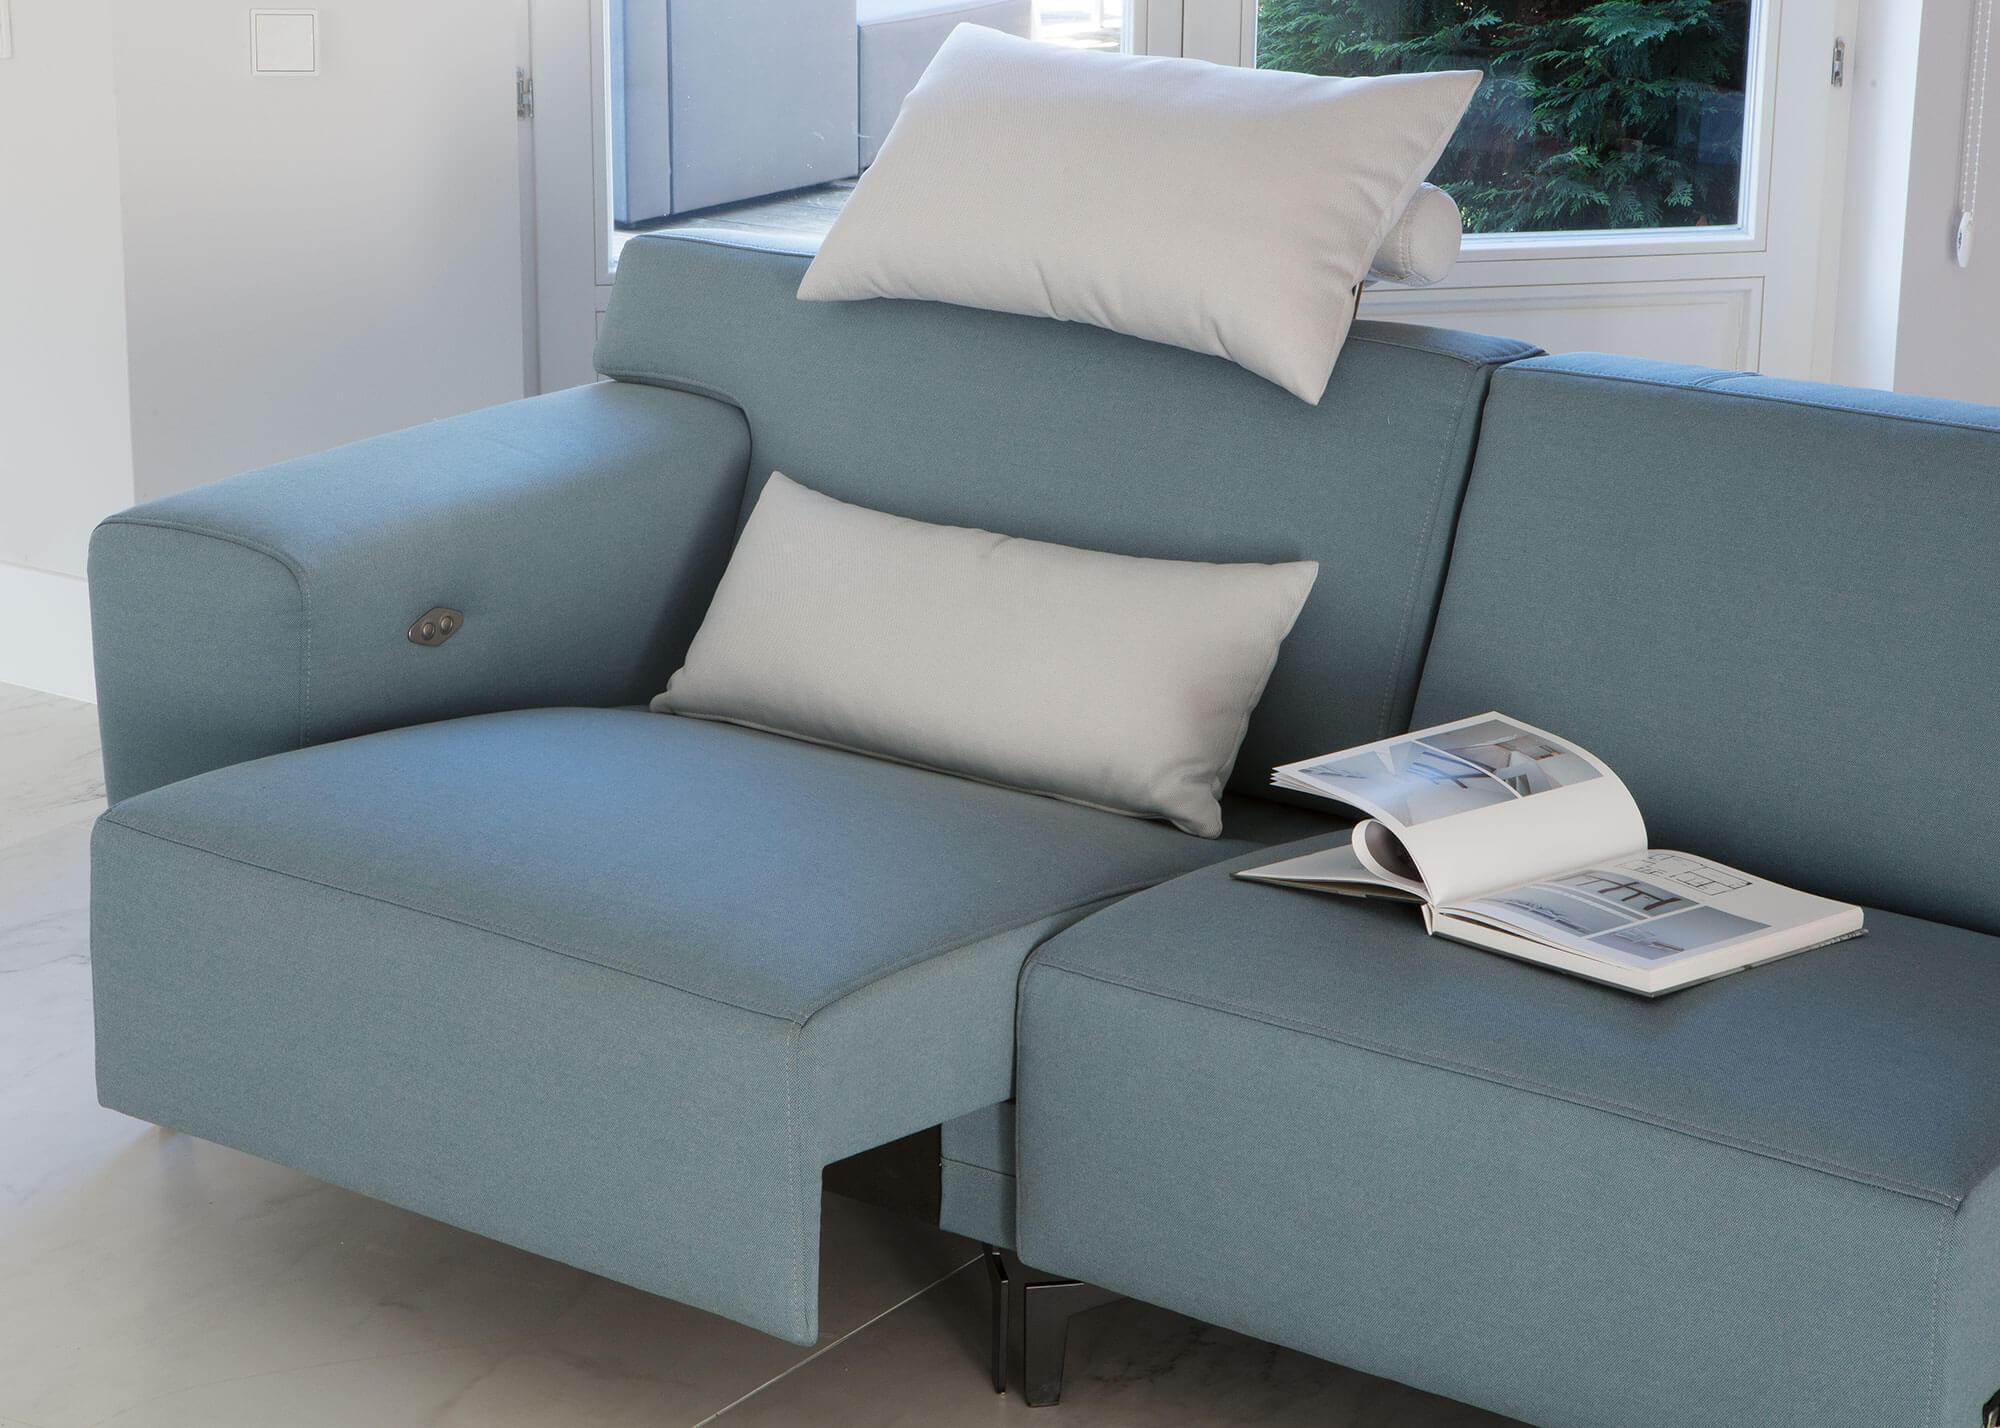 sofa narozna bizzarto wooden set designs pictures narożniki nowa jakość wypoczynku meble nowy